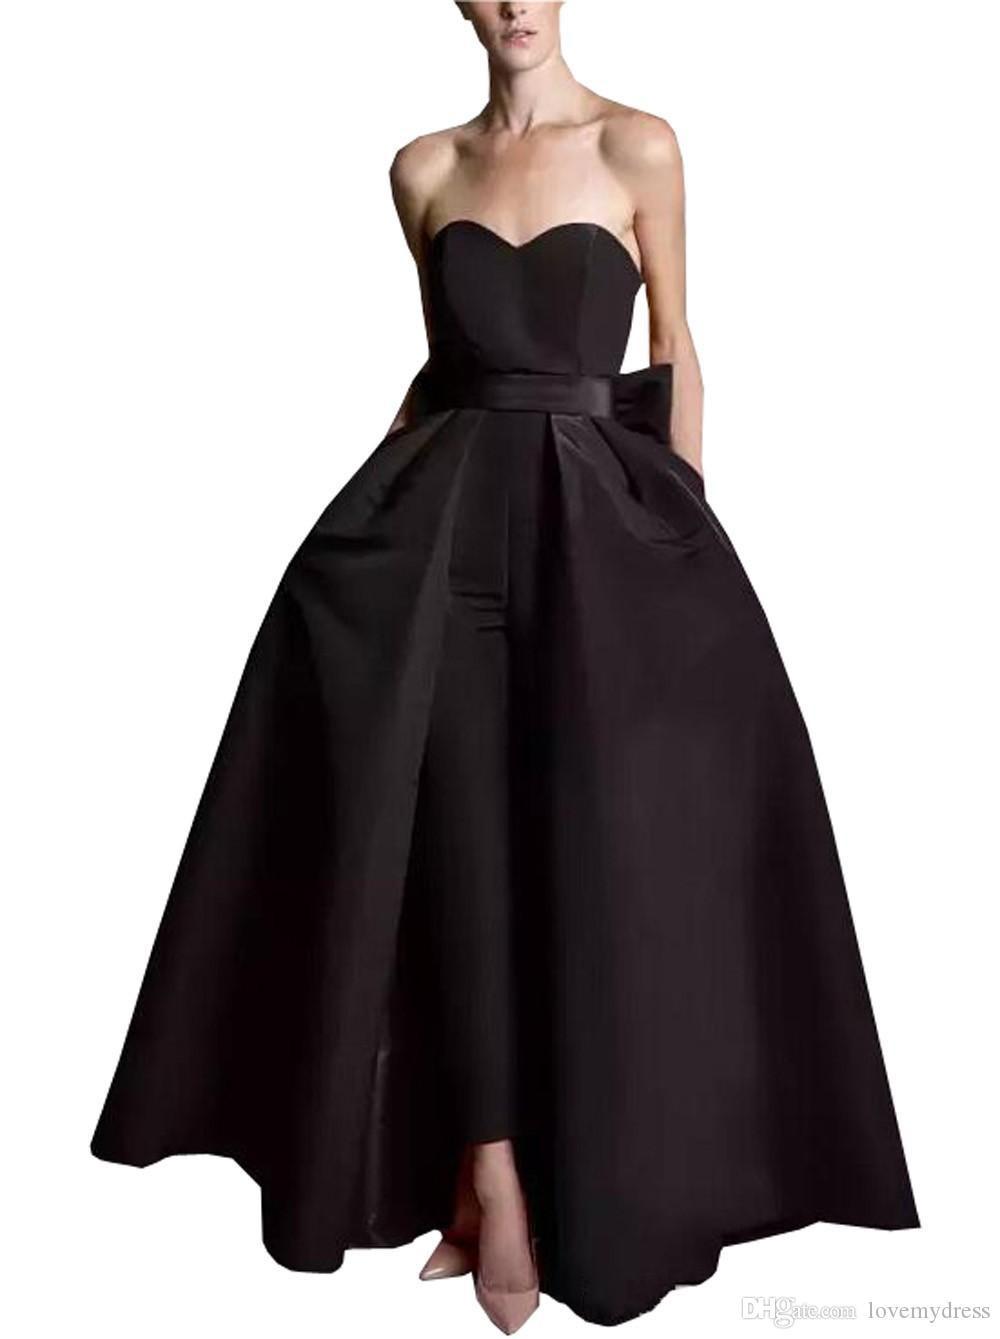 10 Luxus Abend Kleid Englisch für 201917 Erstaunlich Abend Kleid Englisch Vertrieb